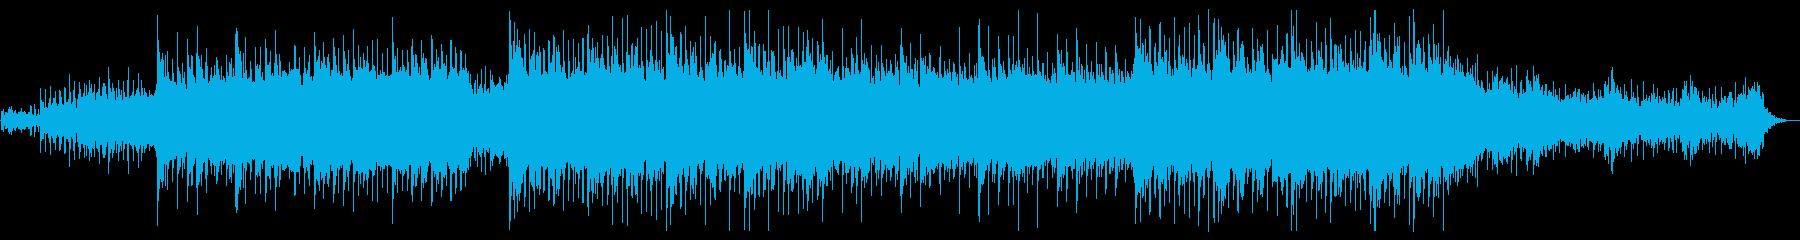 清涼感のあるピアノがきらきらしたBGMの再生済みの波形